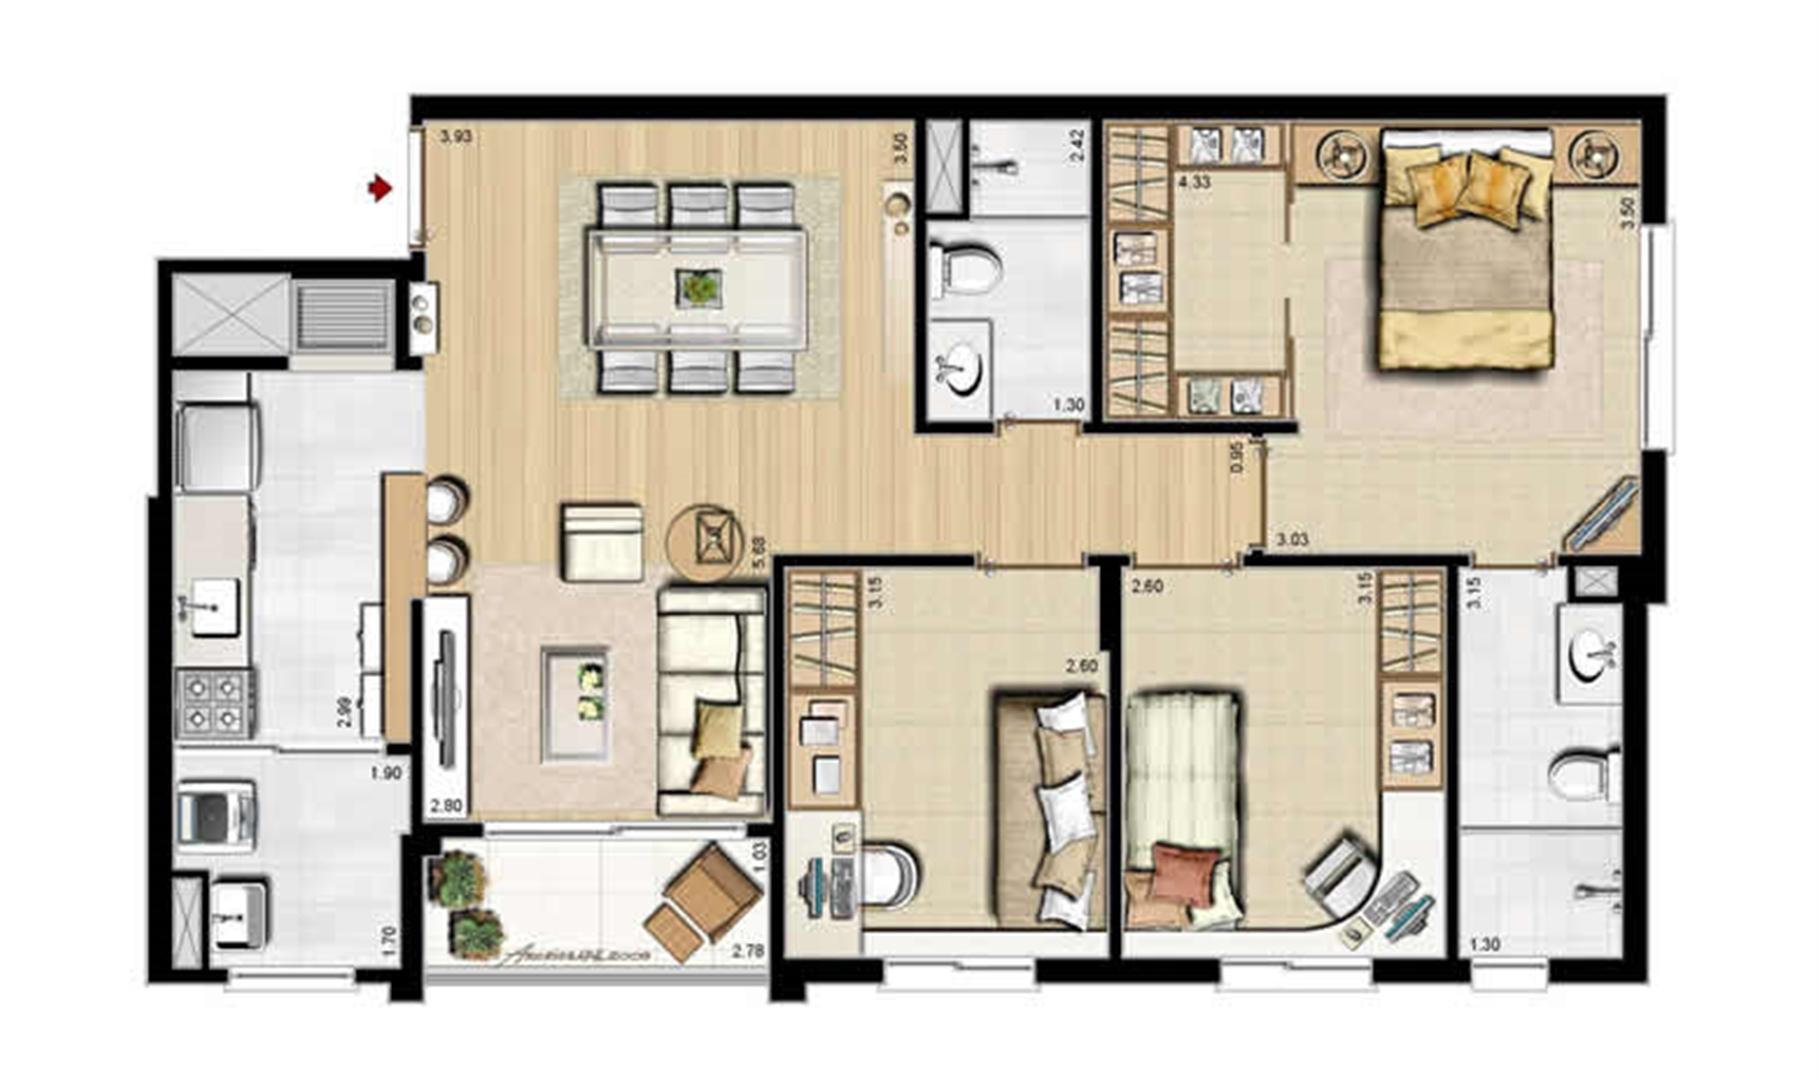 Planta padrão - 3 dormitórios, sendo 1 suíte - 84 m² privativos e 130 m² área total | Villa Mimosa Vita Insolaratta – Apartamento no  Centro - Canoas - Rio Grande do Sul